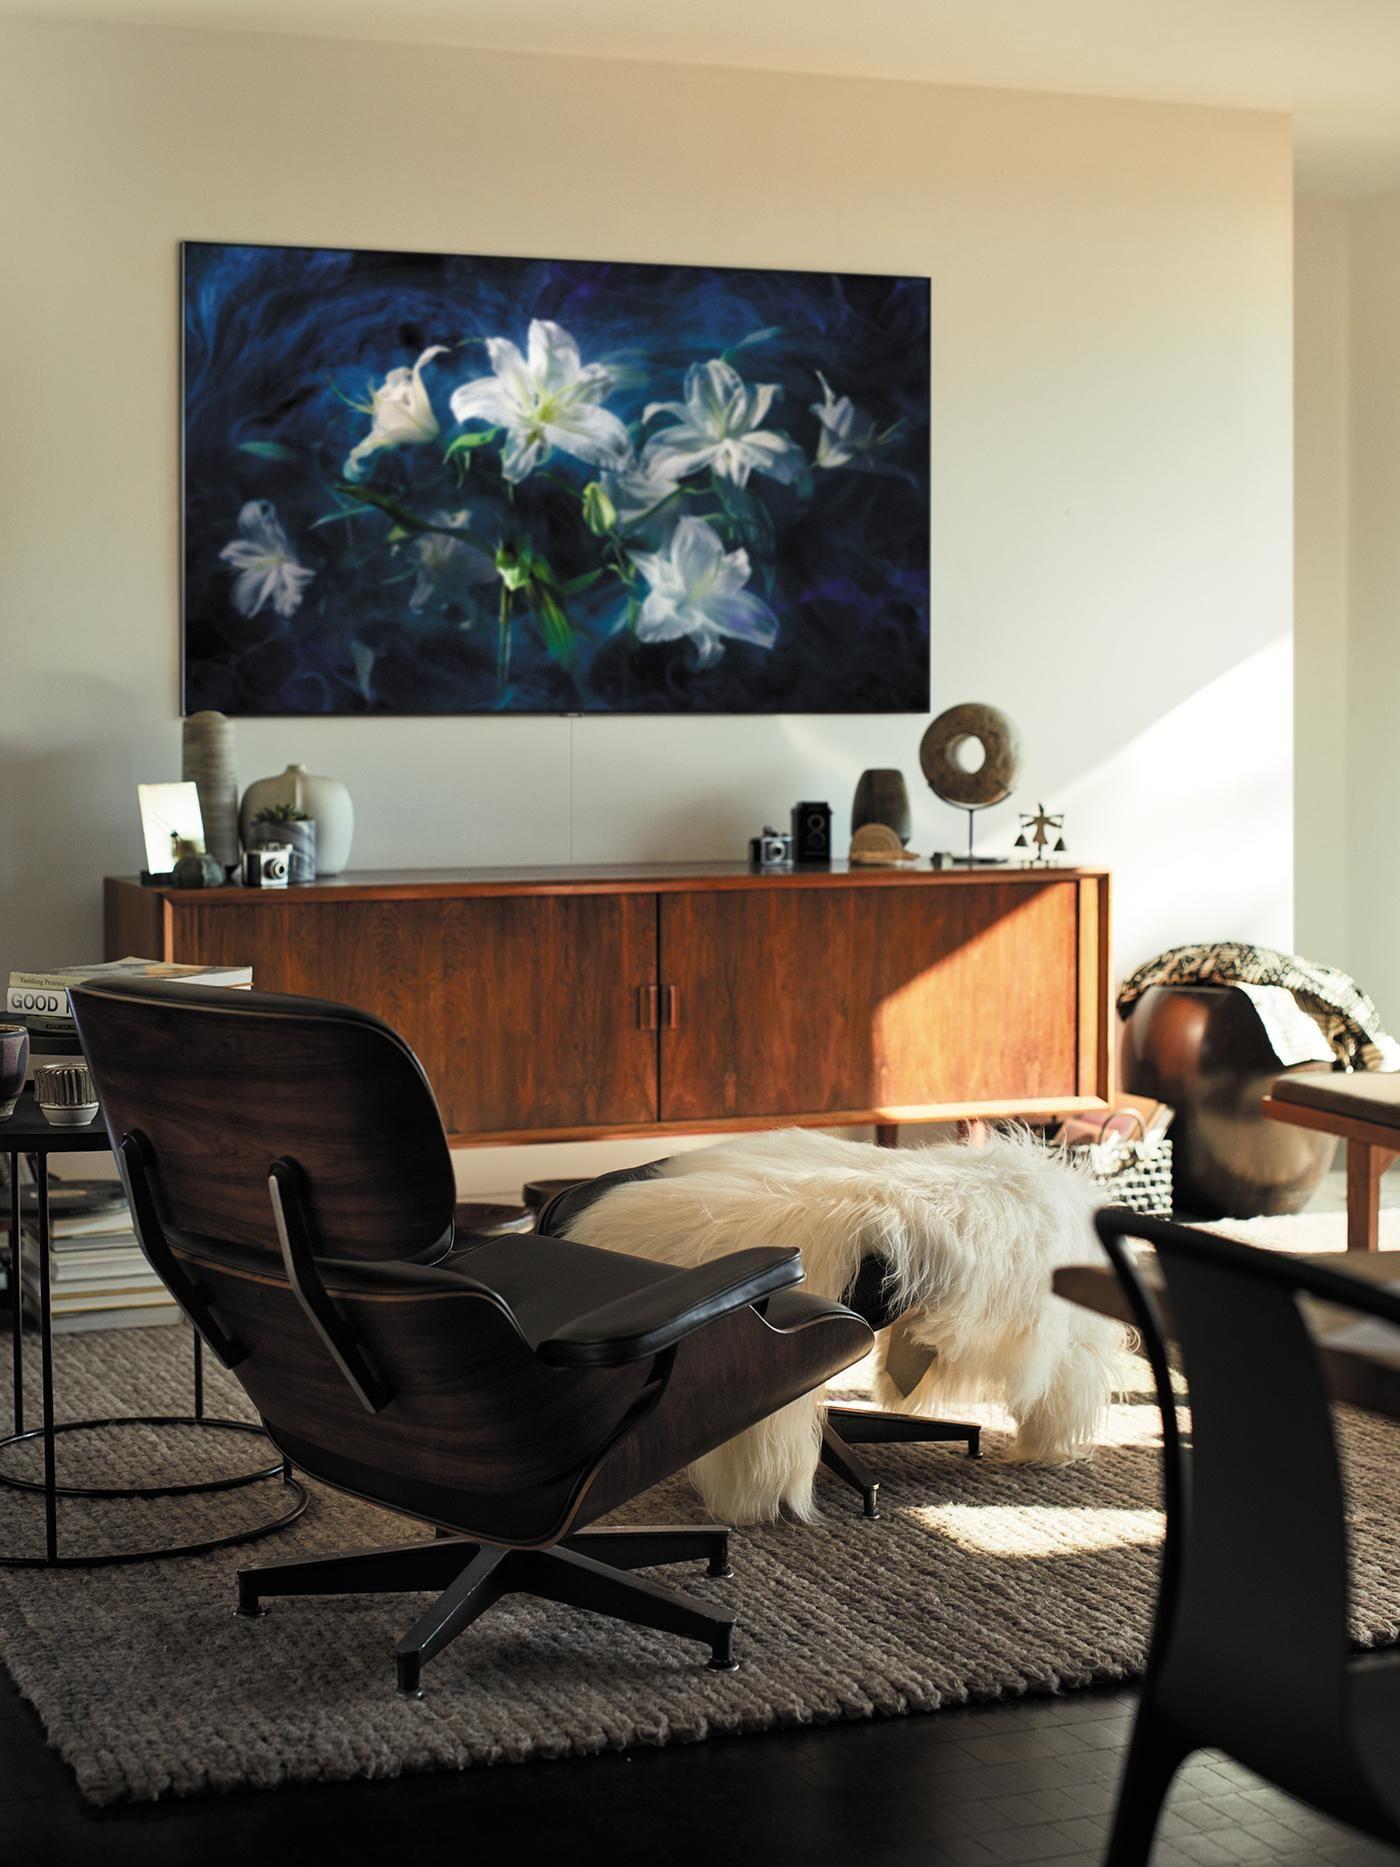 48+ The living room tv show barry info